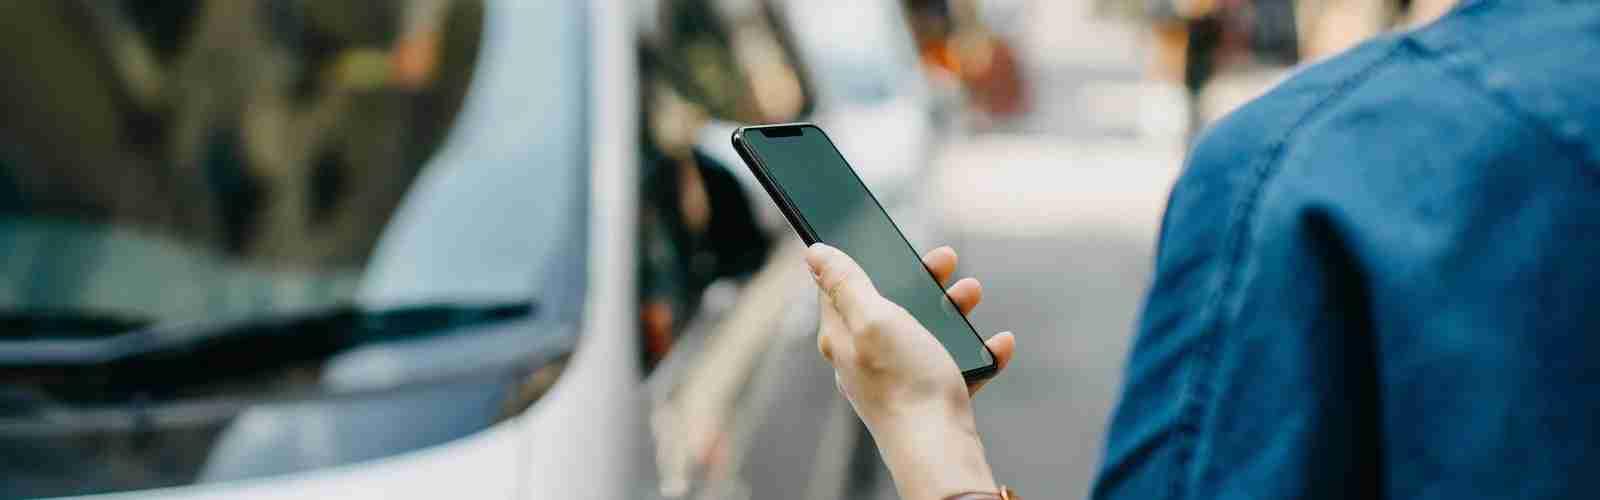 Lyft mobile ordering